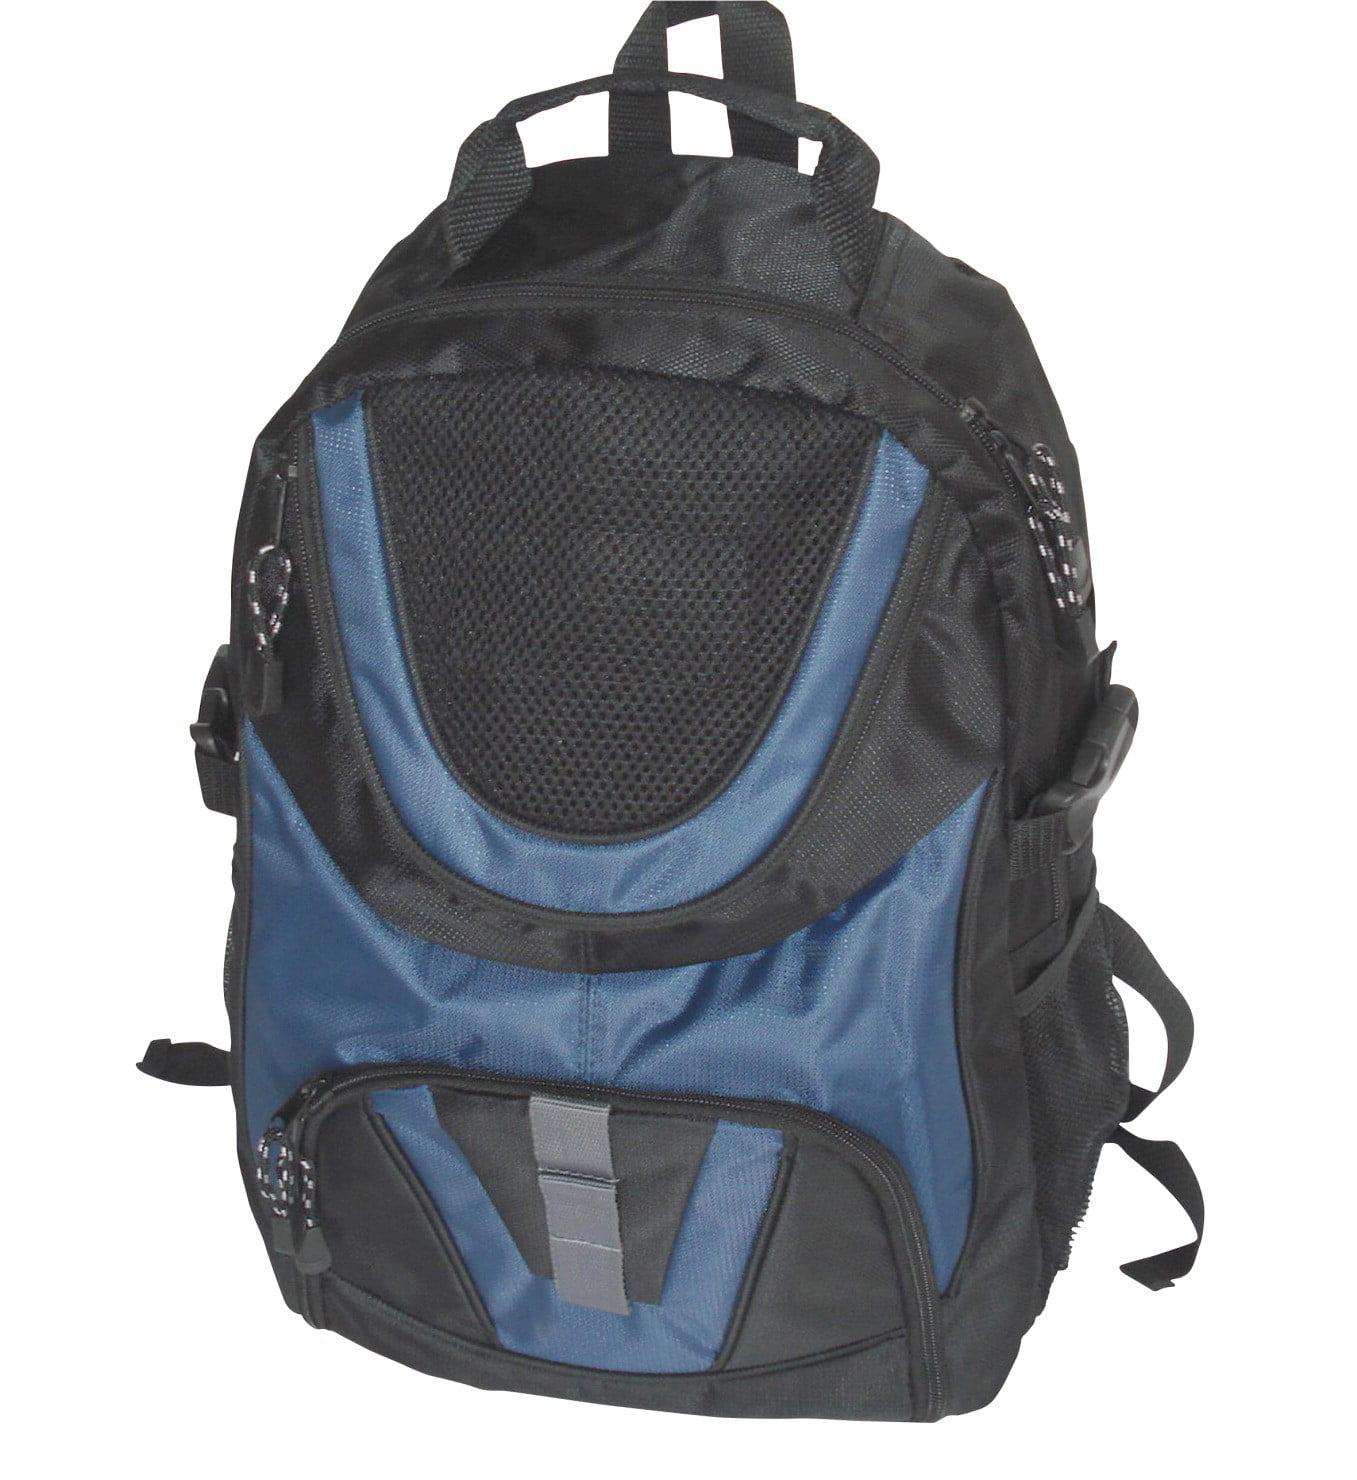 SchoolSmart Dual Pocket Backpack by Generic